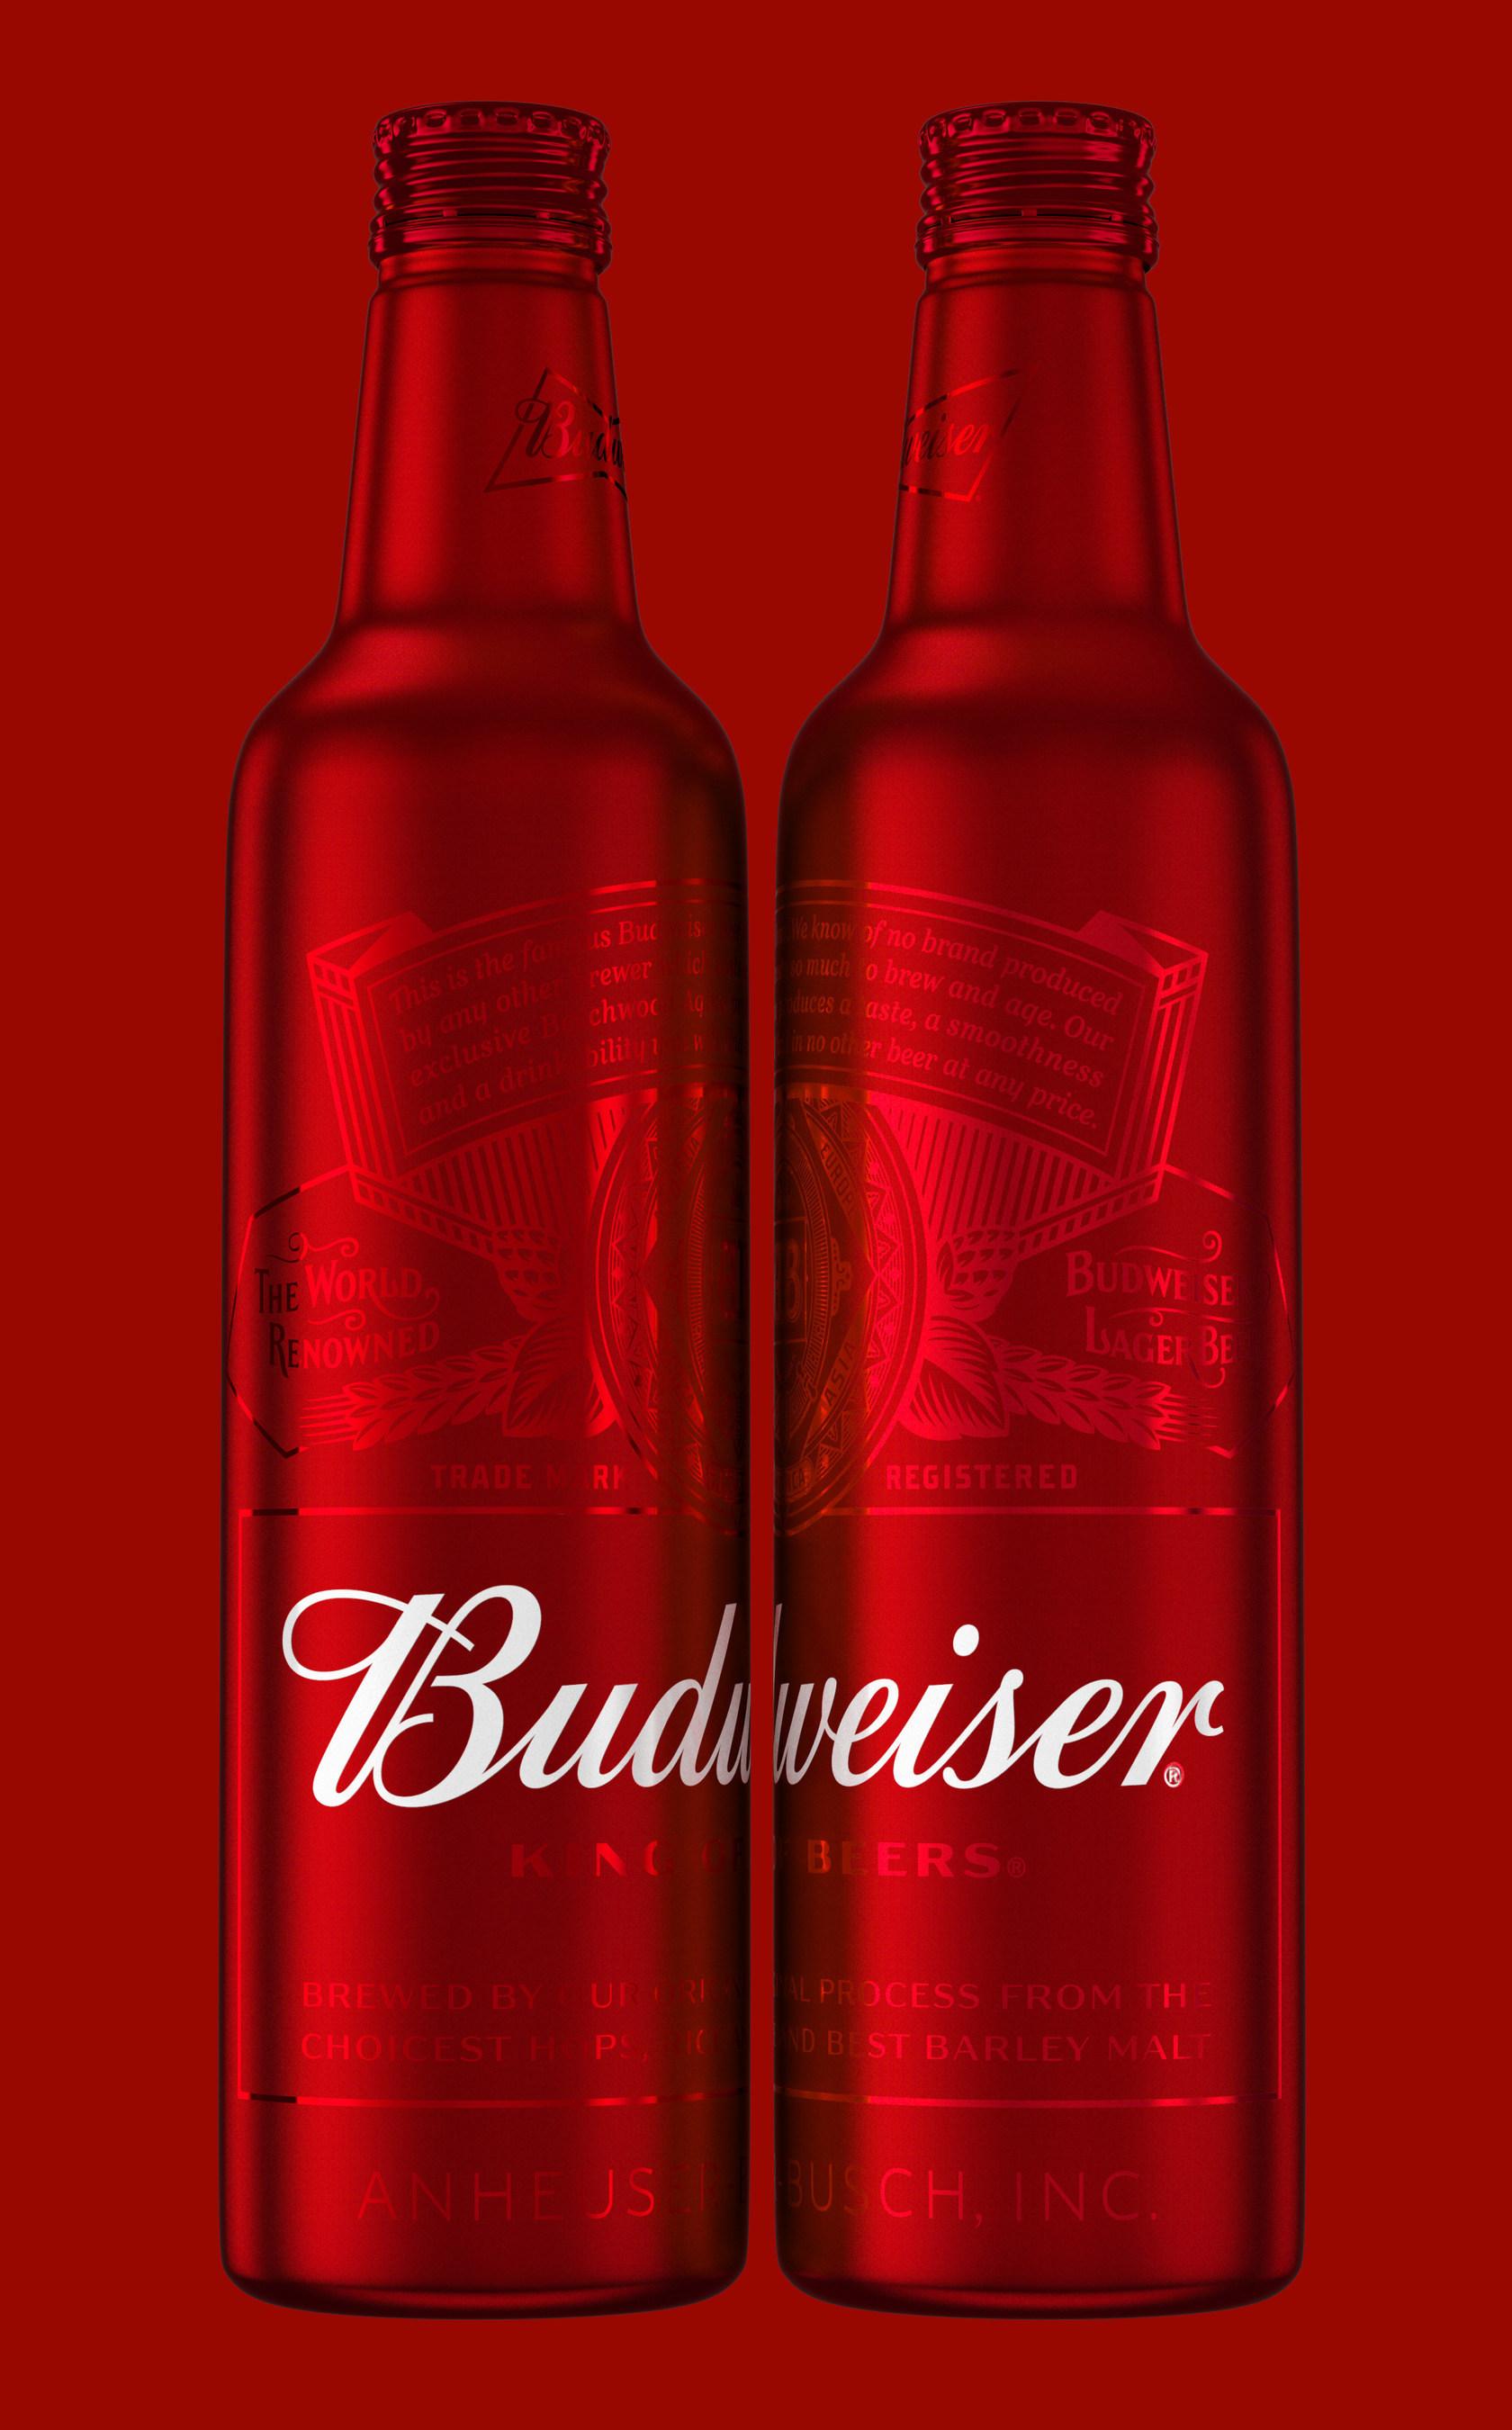 Budweiser Releases New Bottle Design for Holiday Season